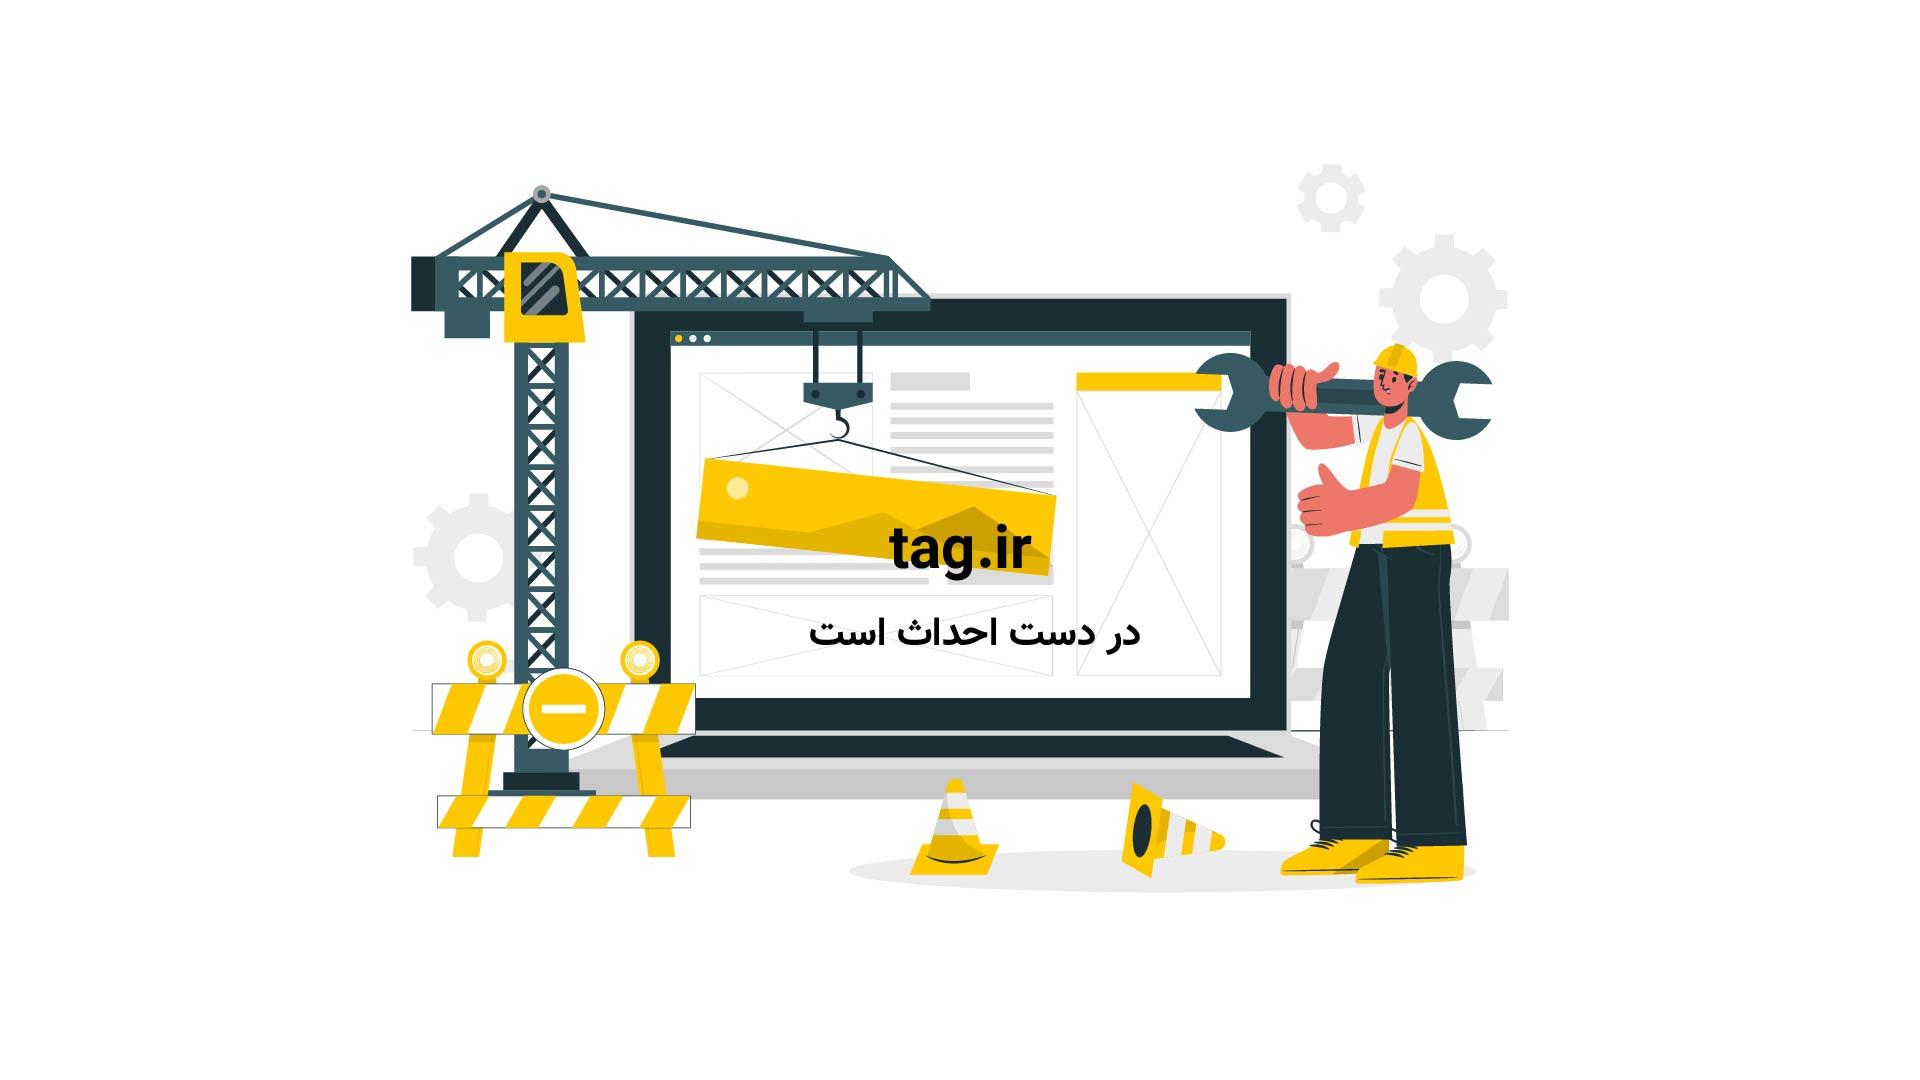 گل آرایی خاص و متفاوت | فیلم